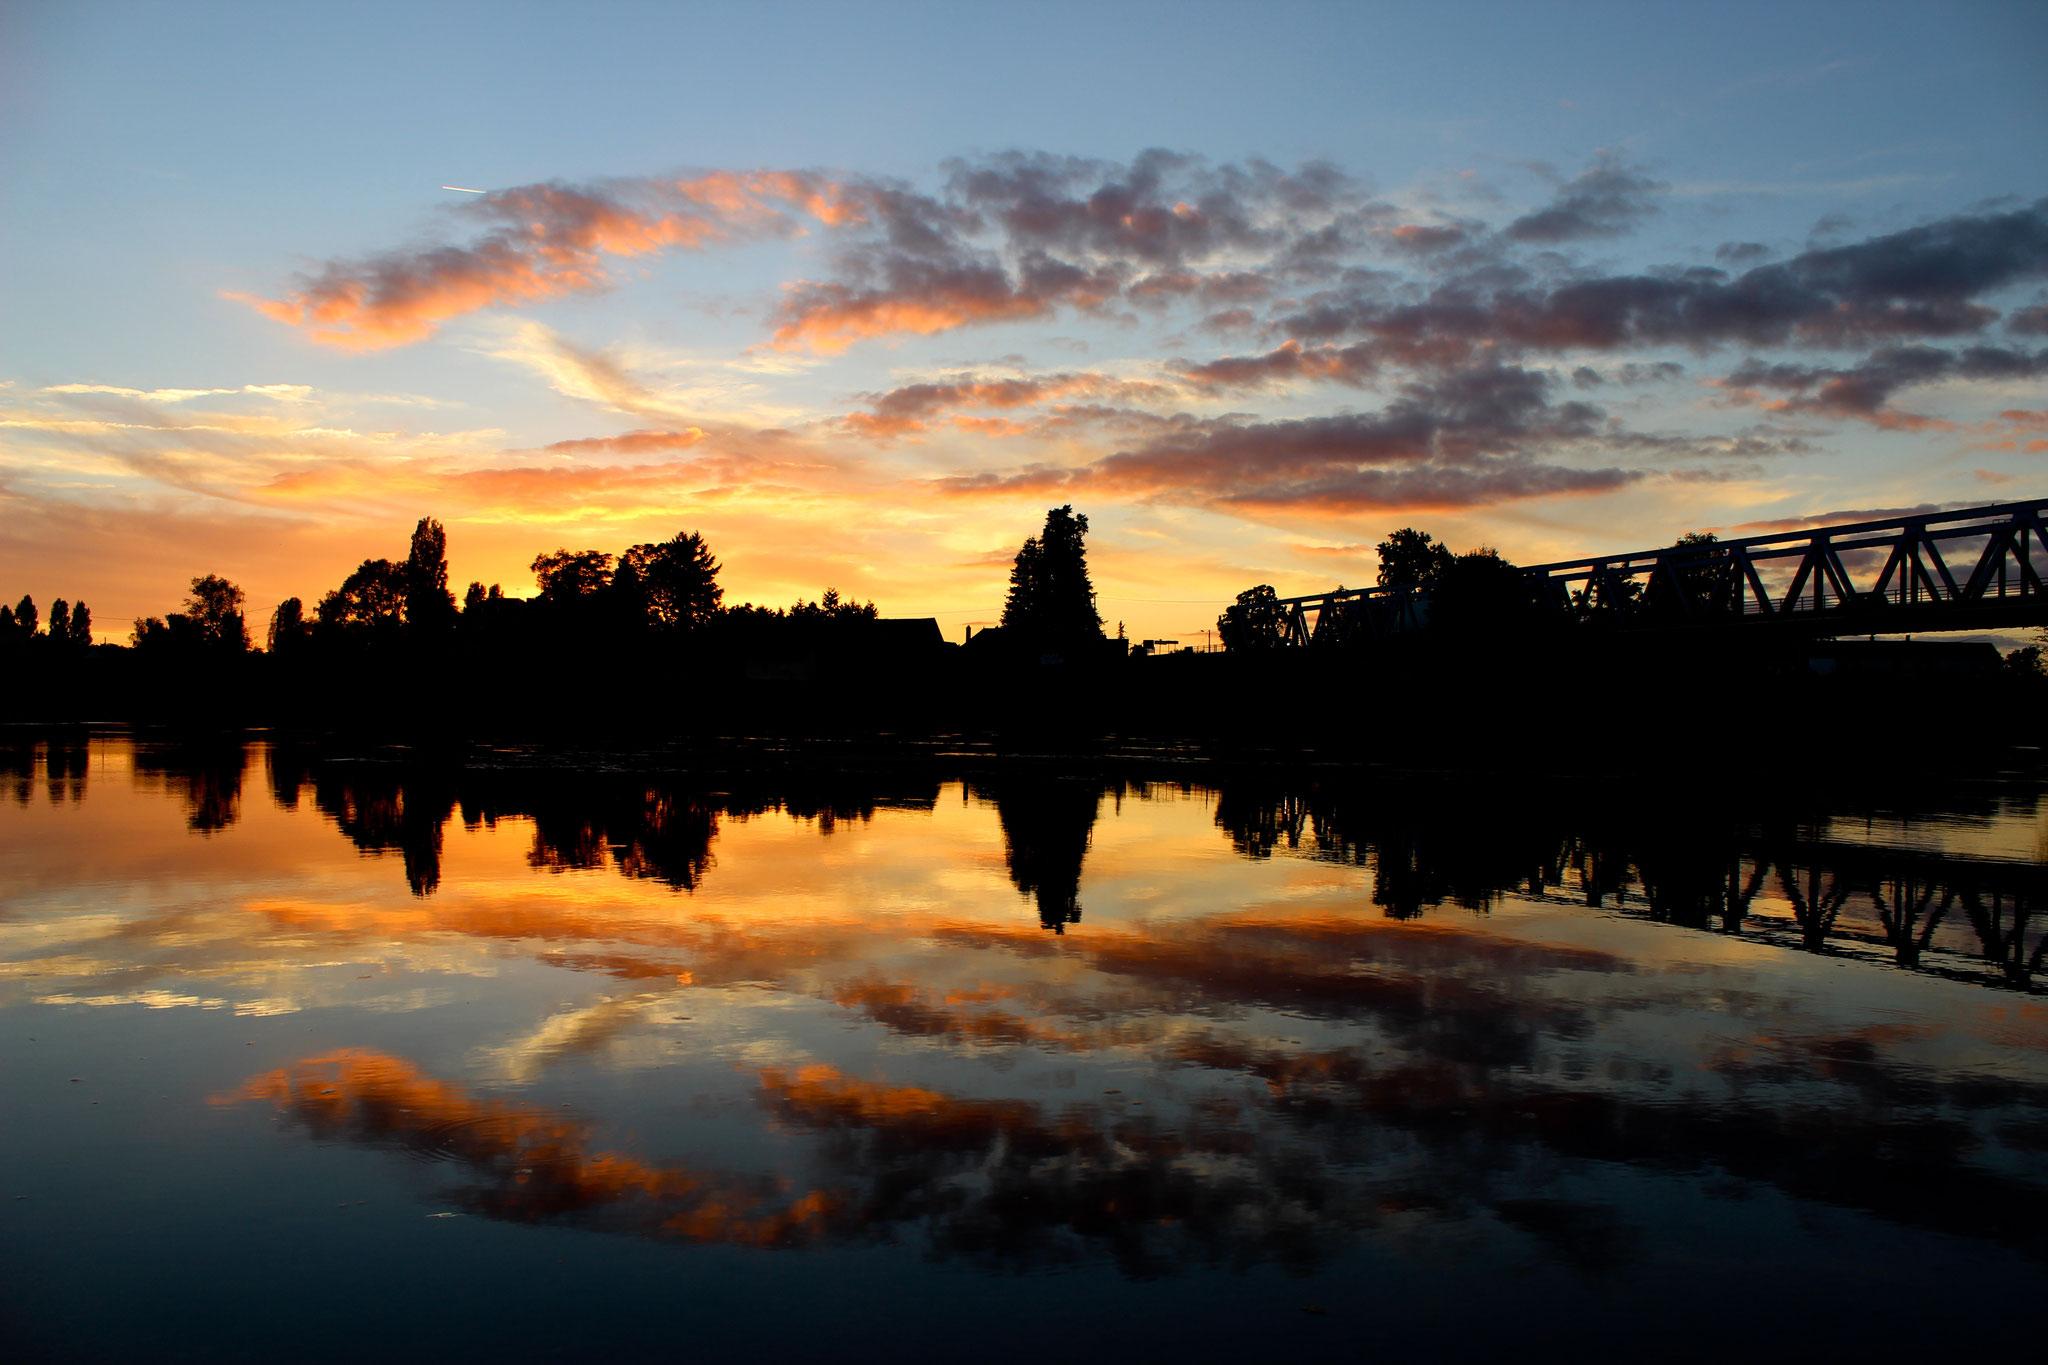 Sonnenuntergang am Allier